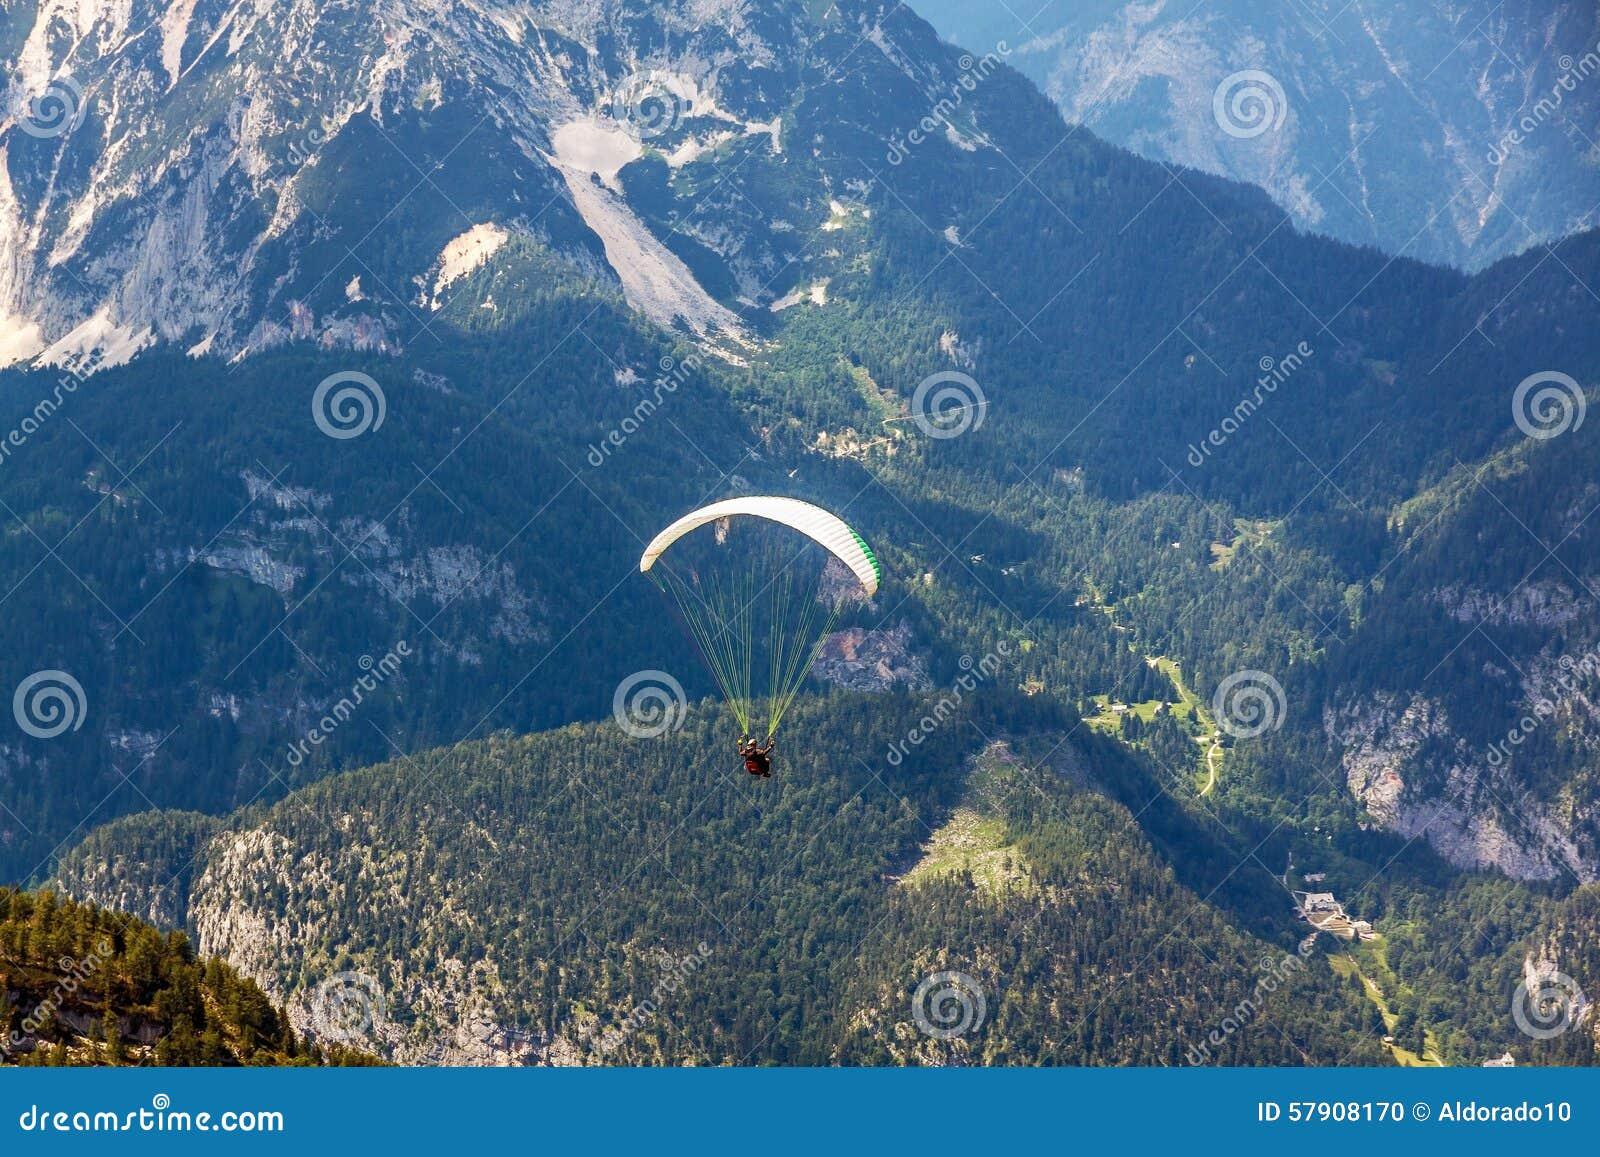 Dachstein-Krippenstein Paraglider Stock Photo - Image of